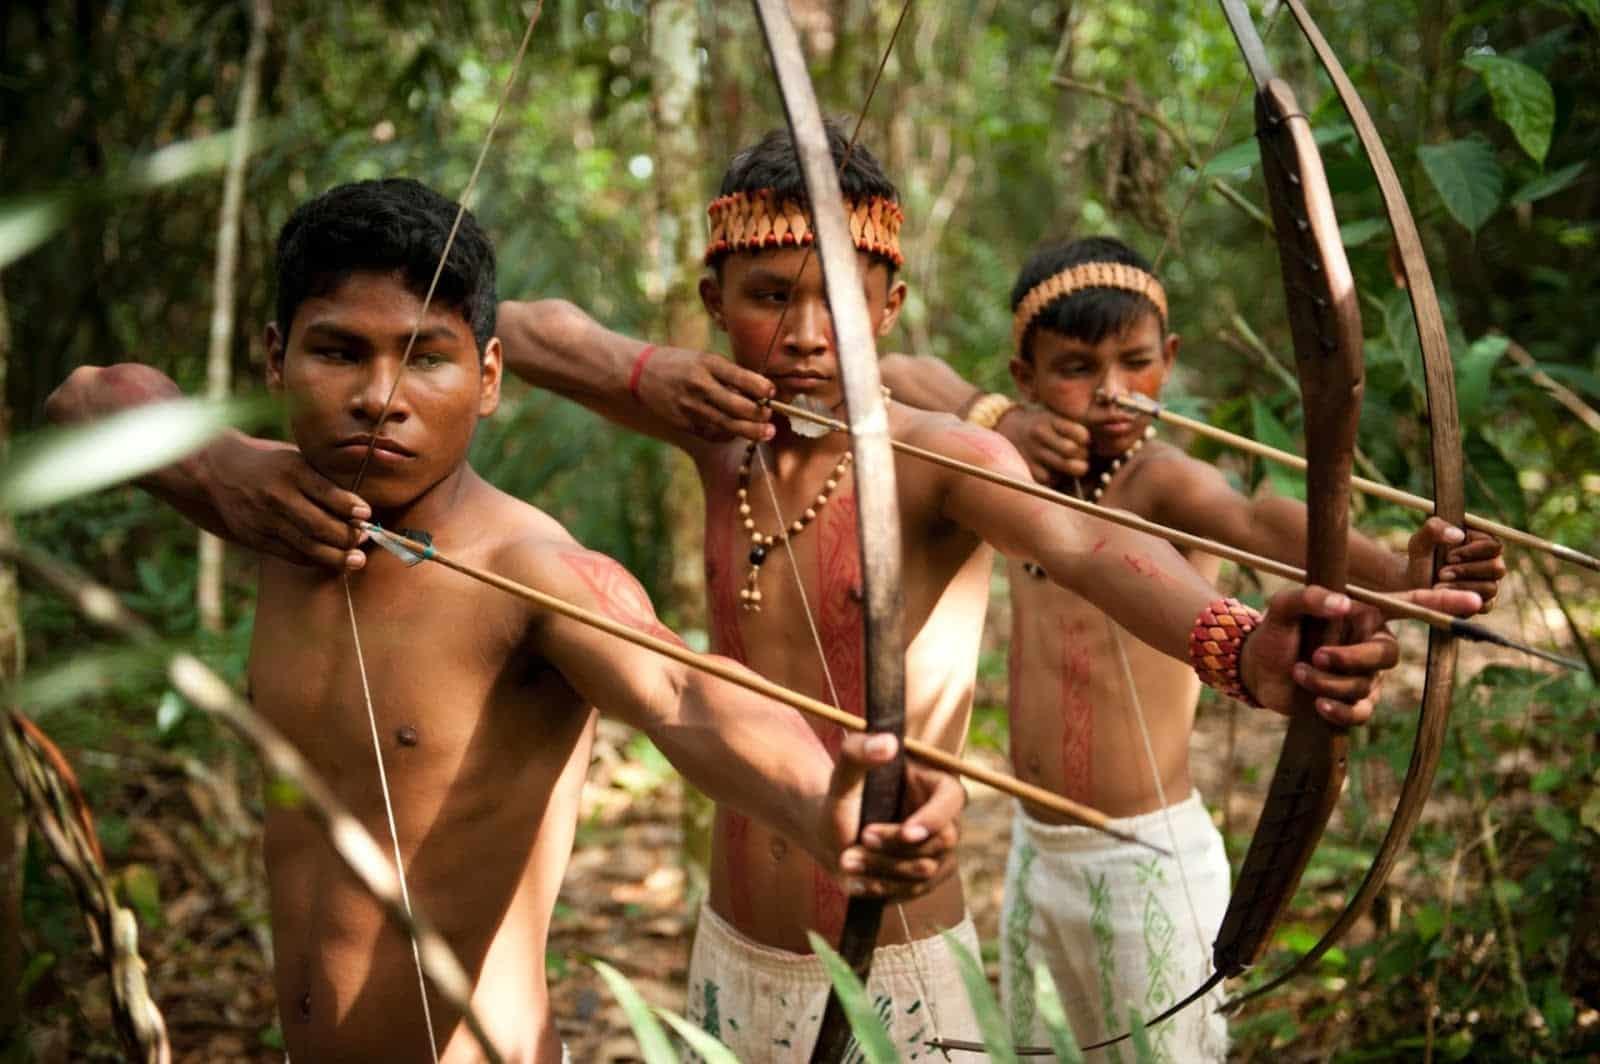 Tribos indígenas - Quais são as principais e curiosidades